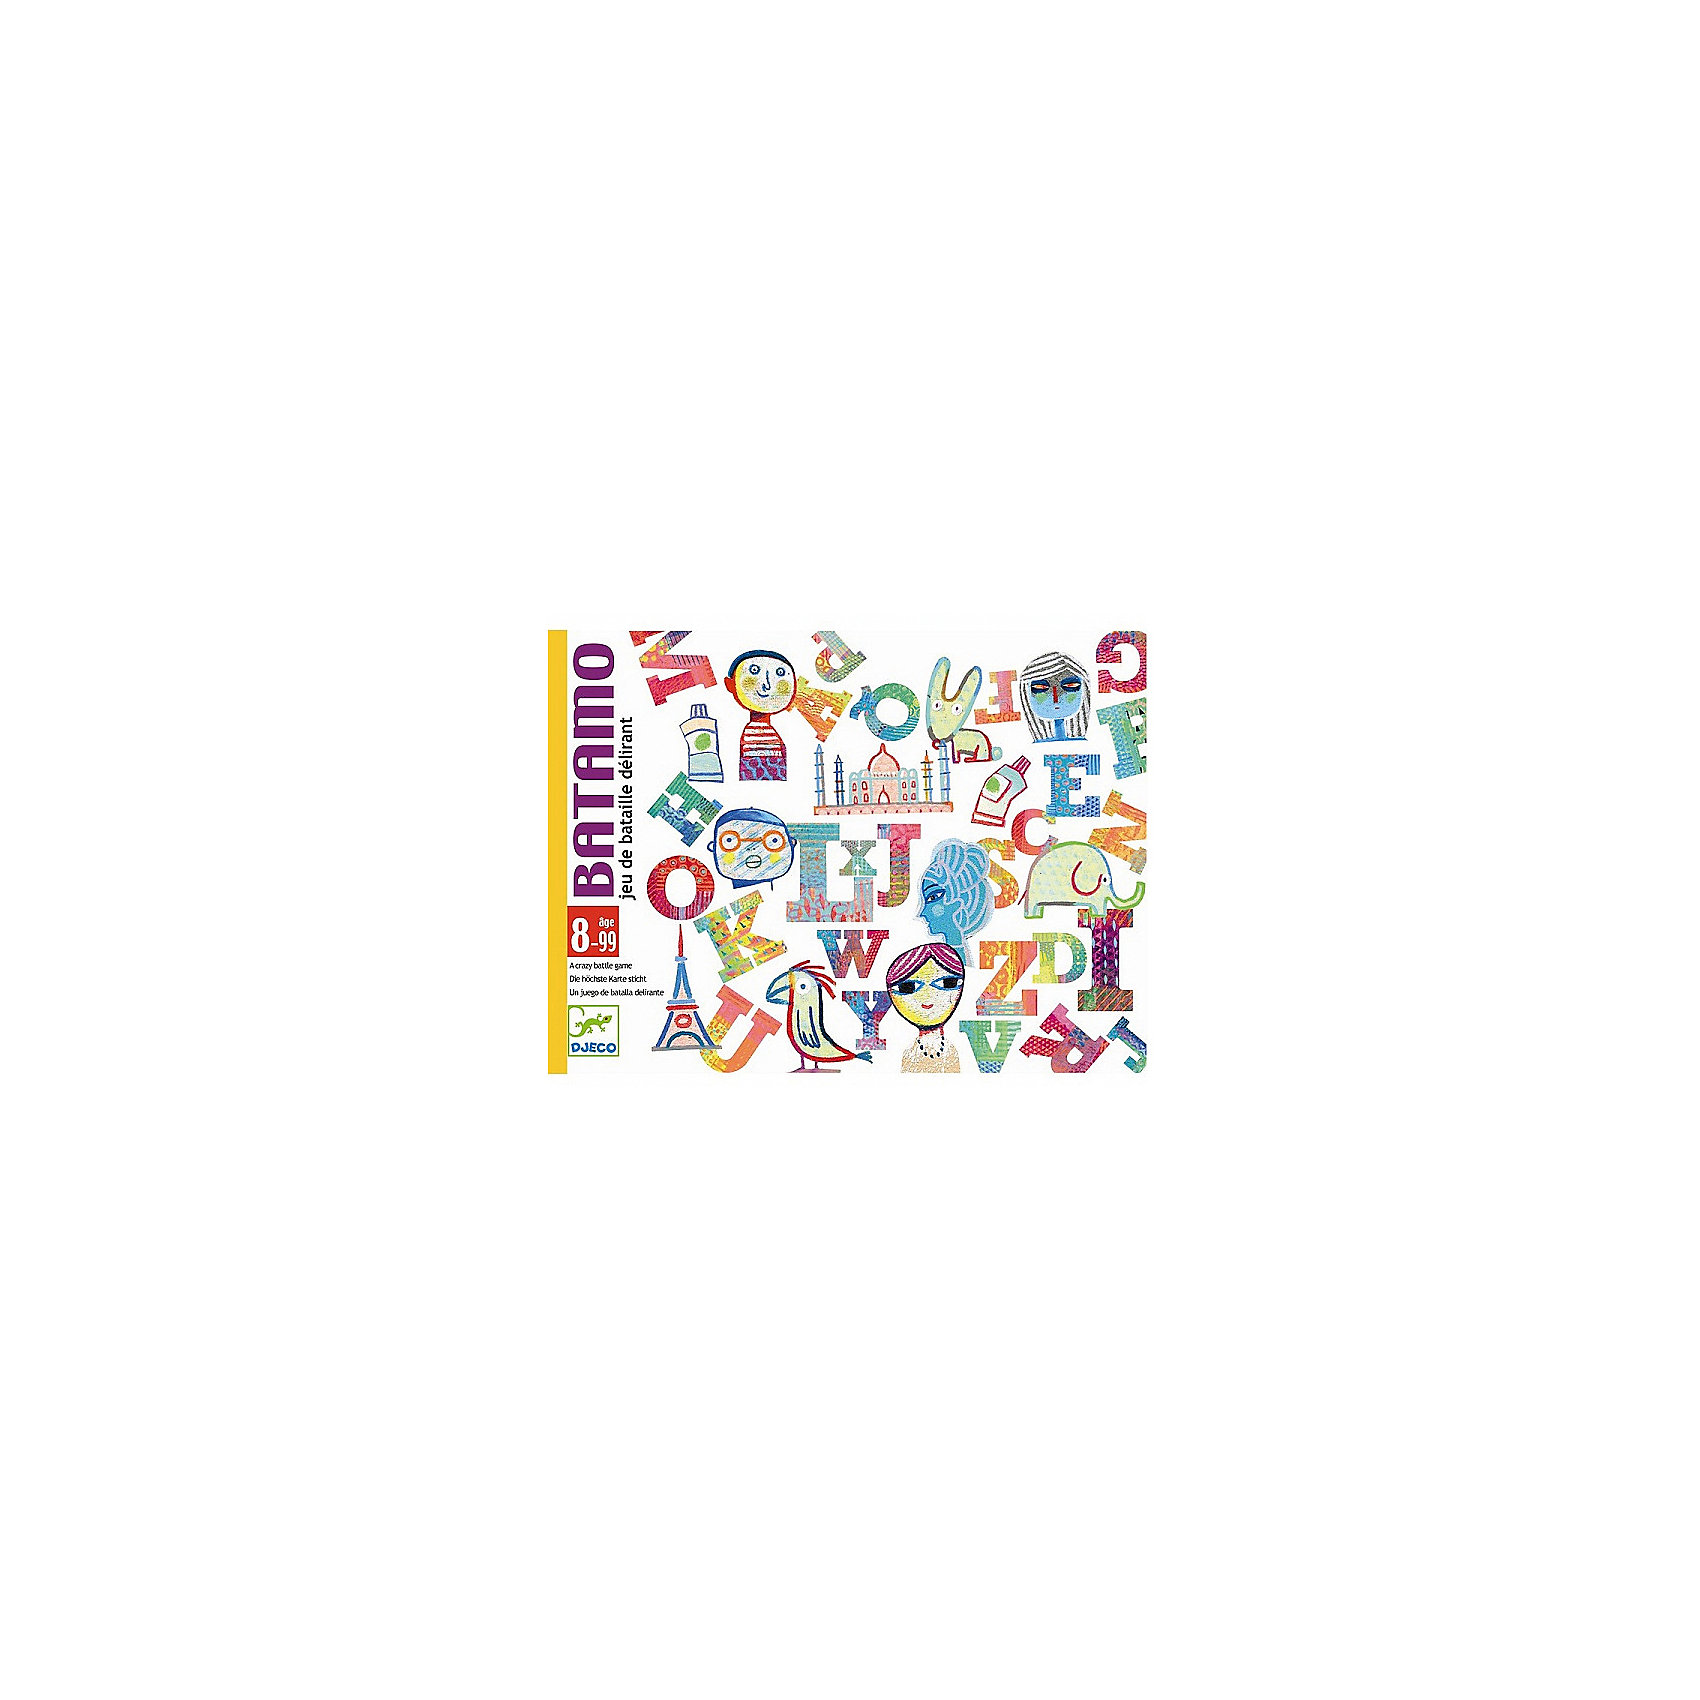 DJECO Карточная игра Батамо, DJECO игры для малышей djeco детская настольная карточная игра мини семья